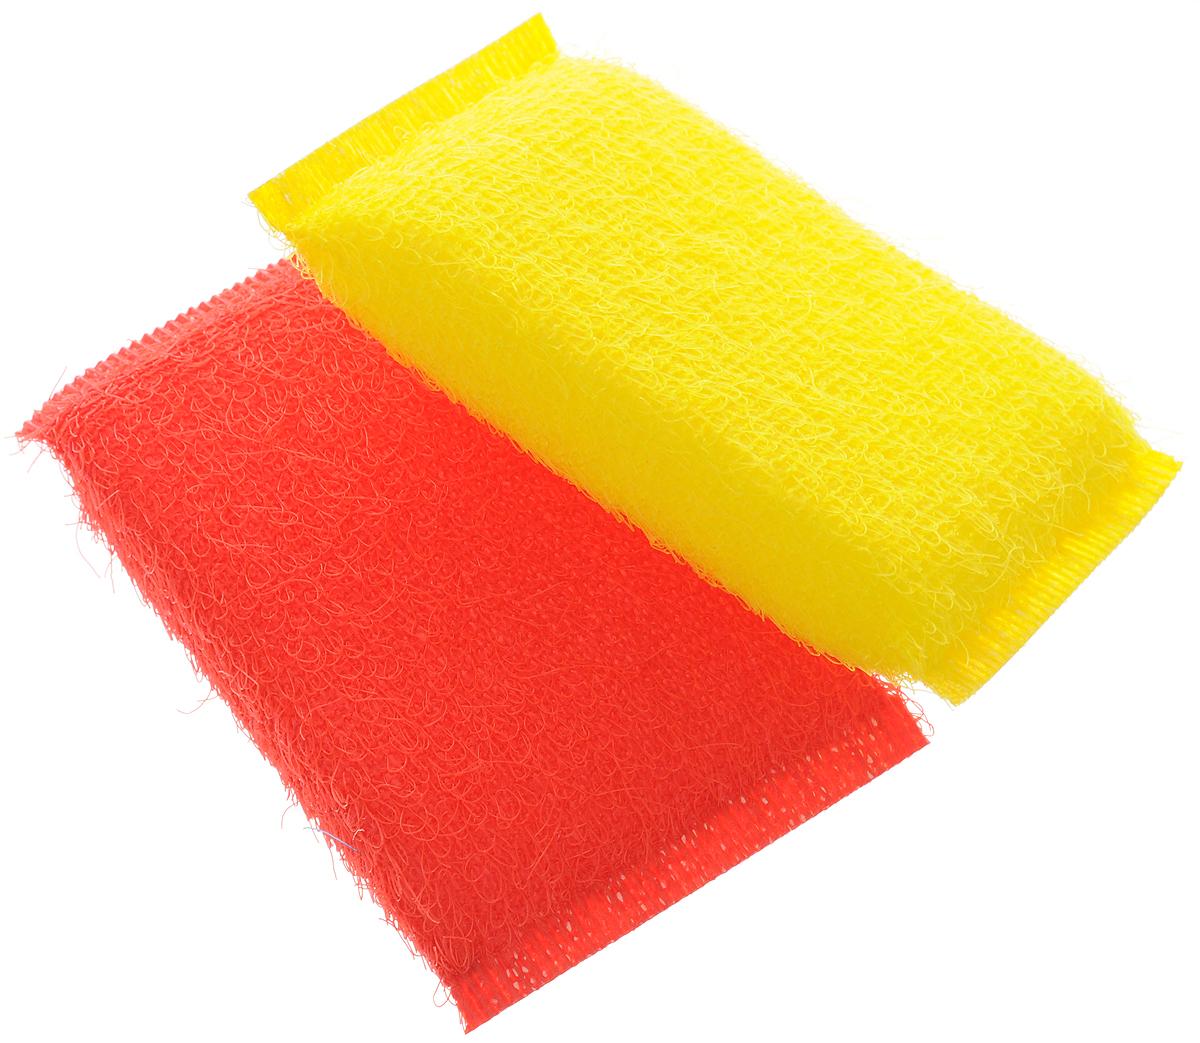 Губка для мытья посуды Хозяюшка Мила Кактус, цвет: желтый, красный, 2 шт хозяюшка мила губка д посуды люкс 3шт 1108971